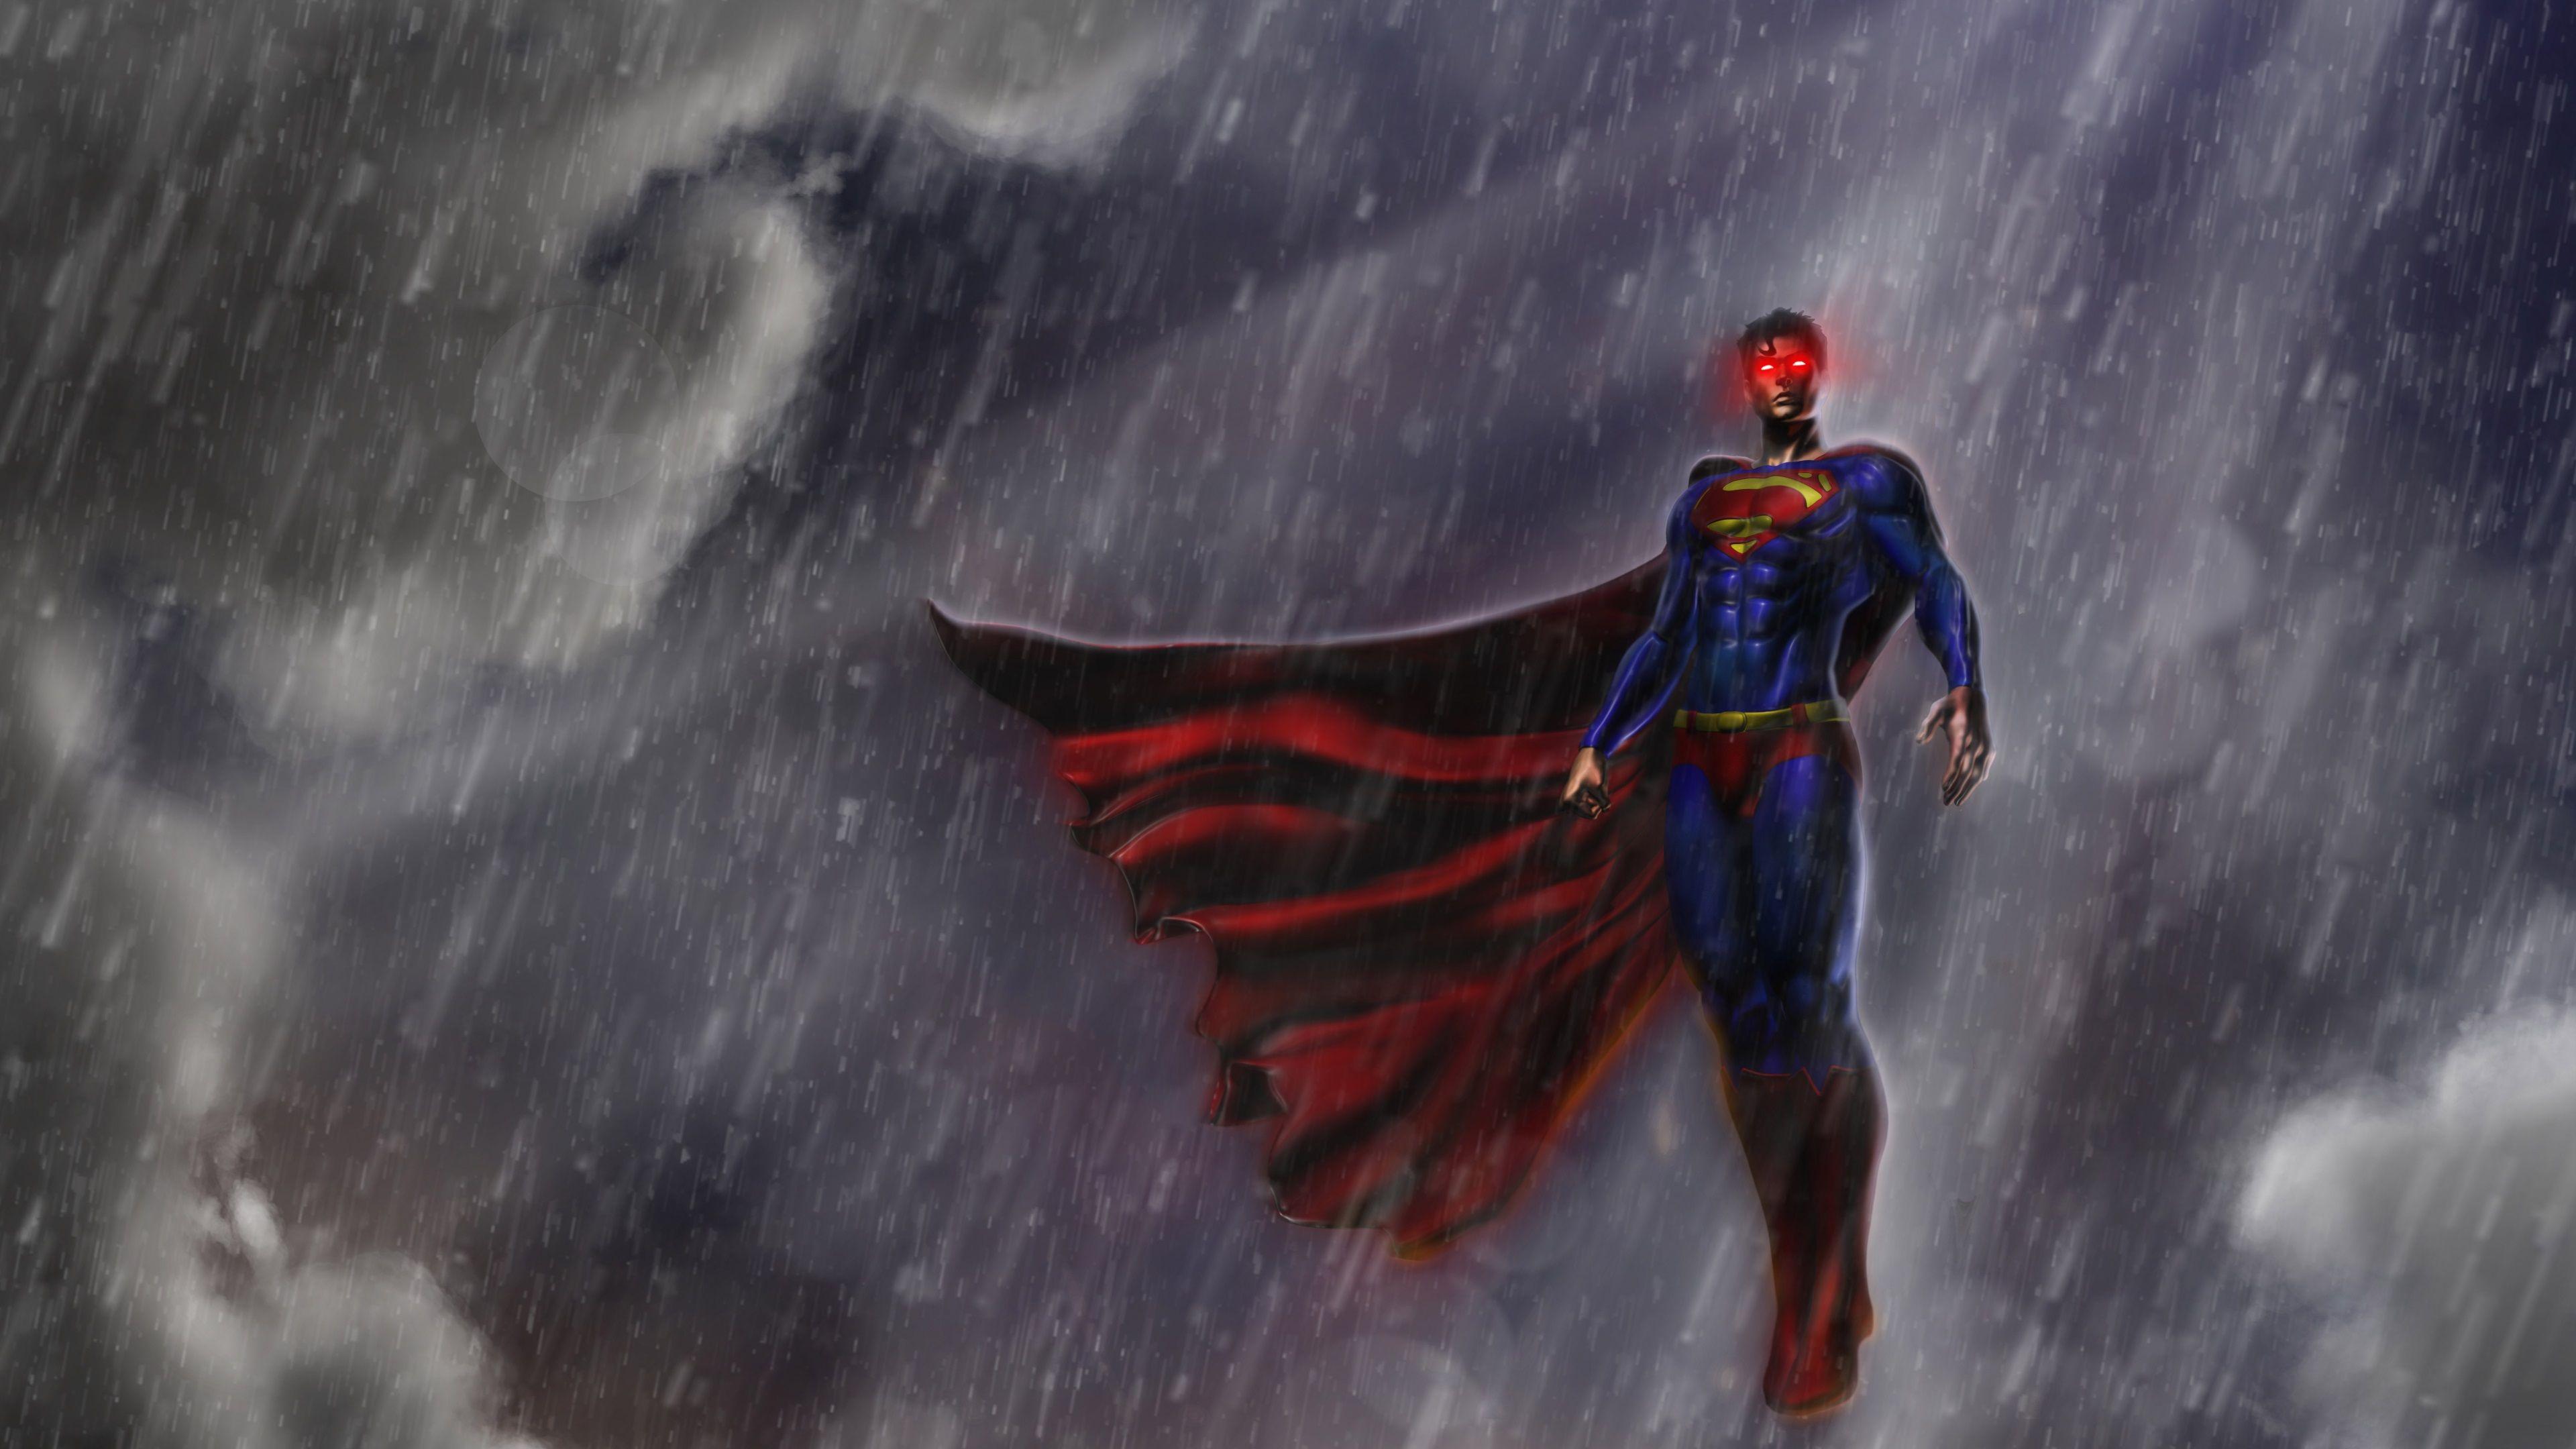 Superman 4k Images For Desktop Background Superman Wallpaper Justice League Artwork Superman Wallpaper Logo